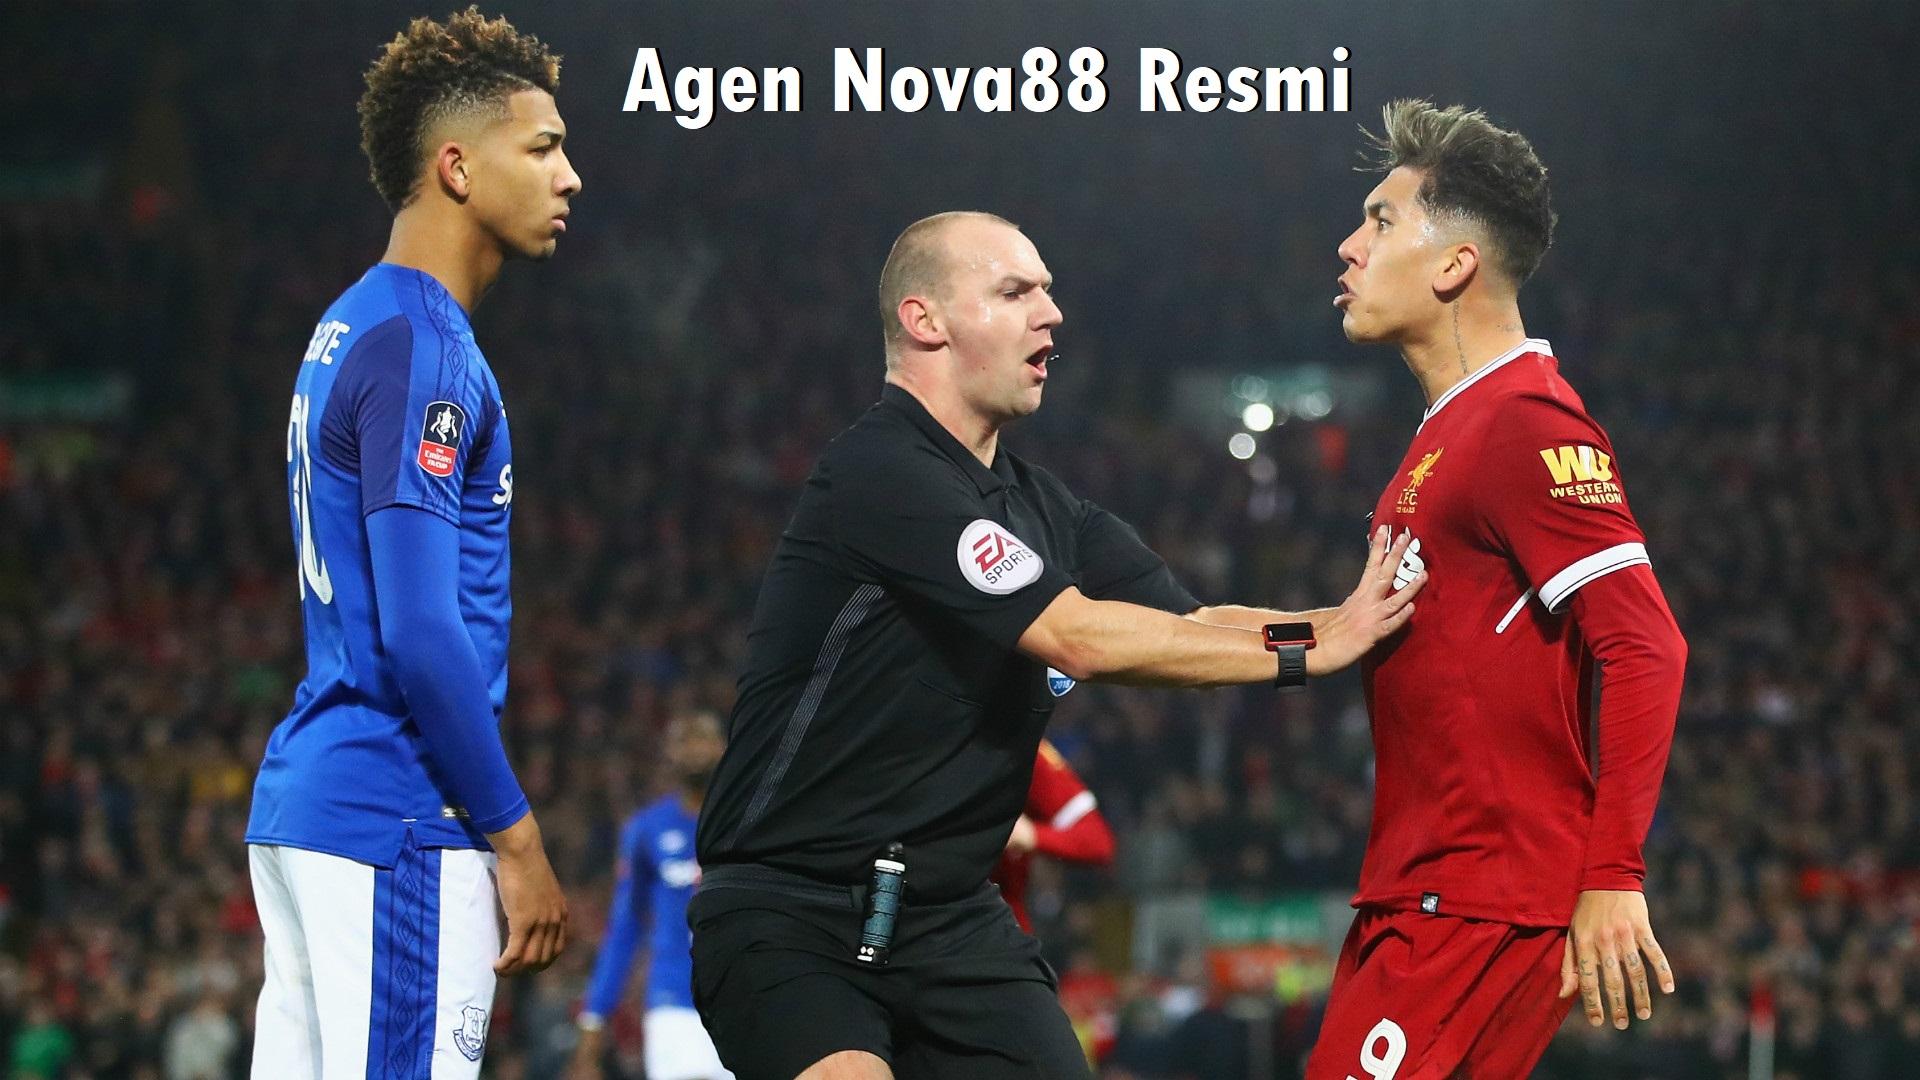 Agen Nova88 Resmi